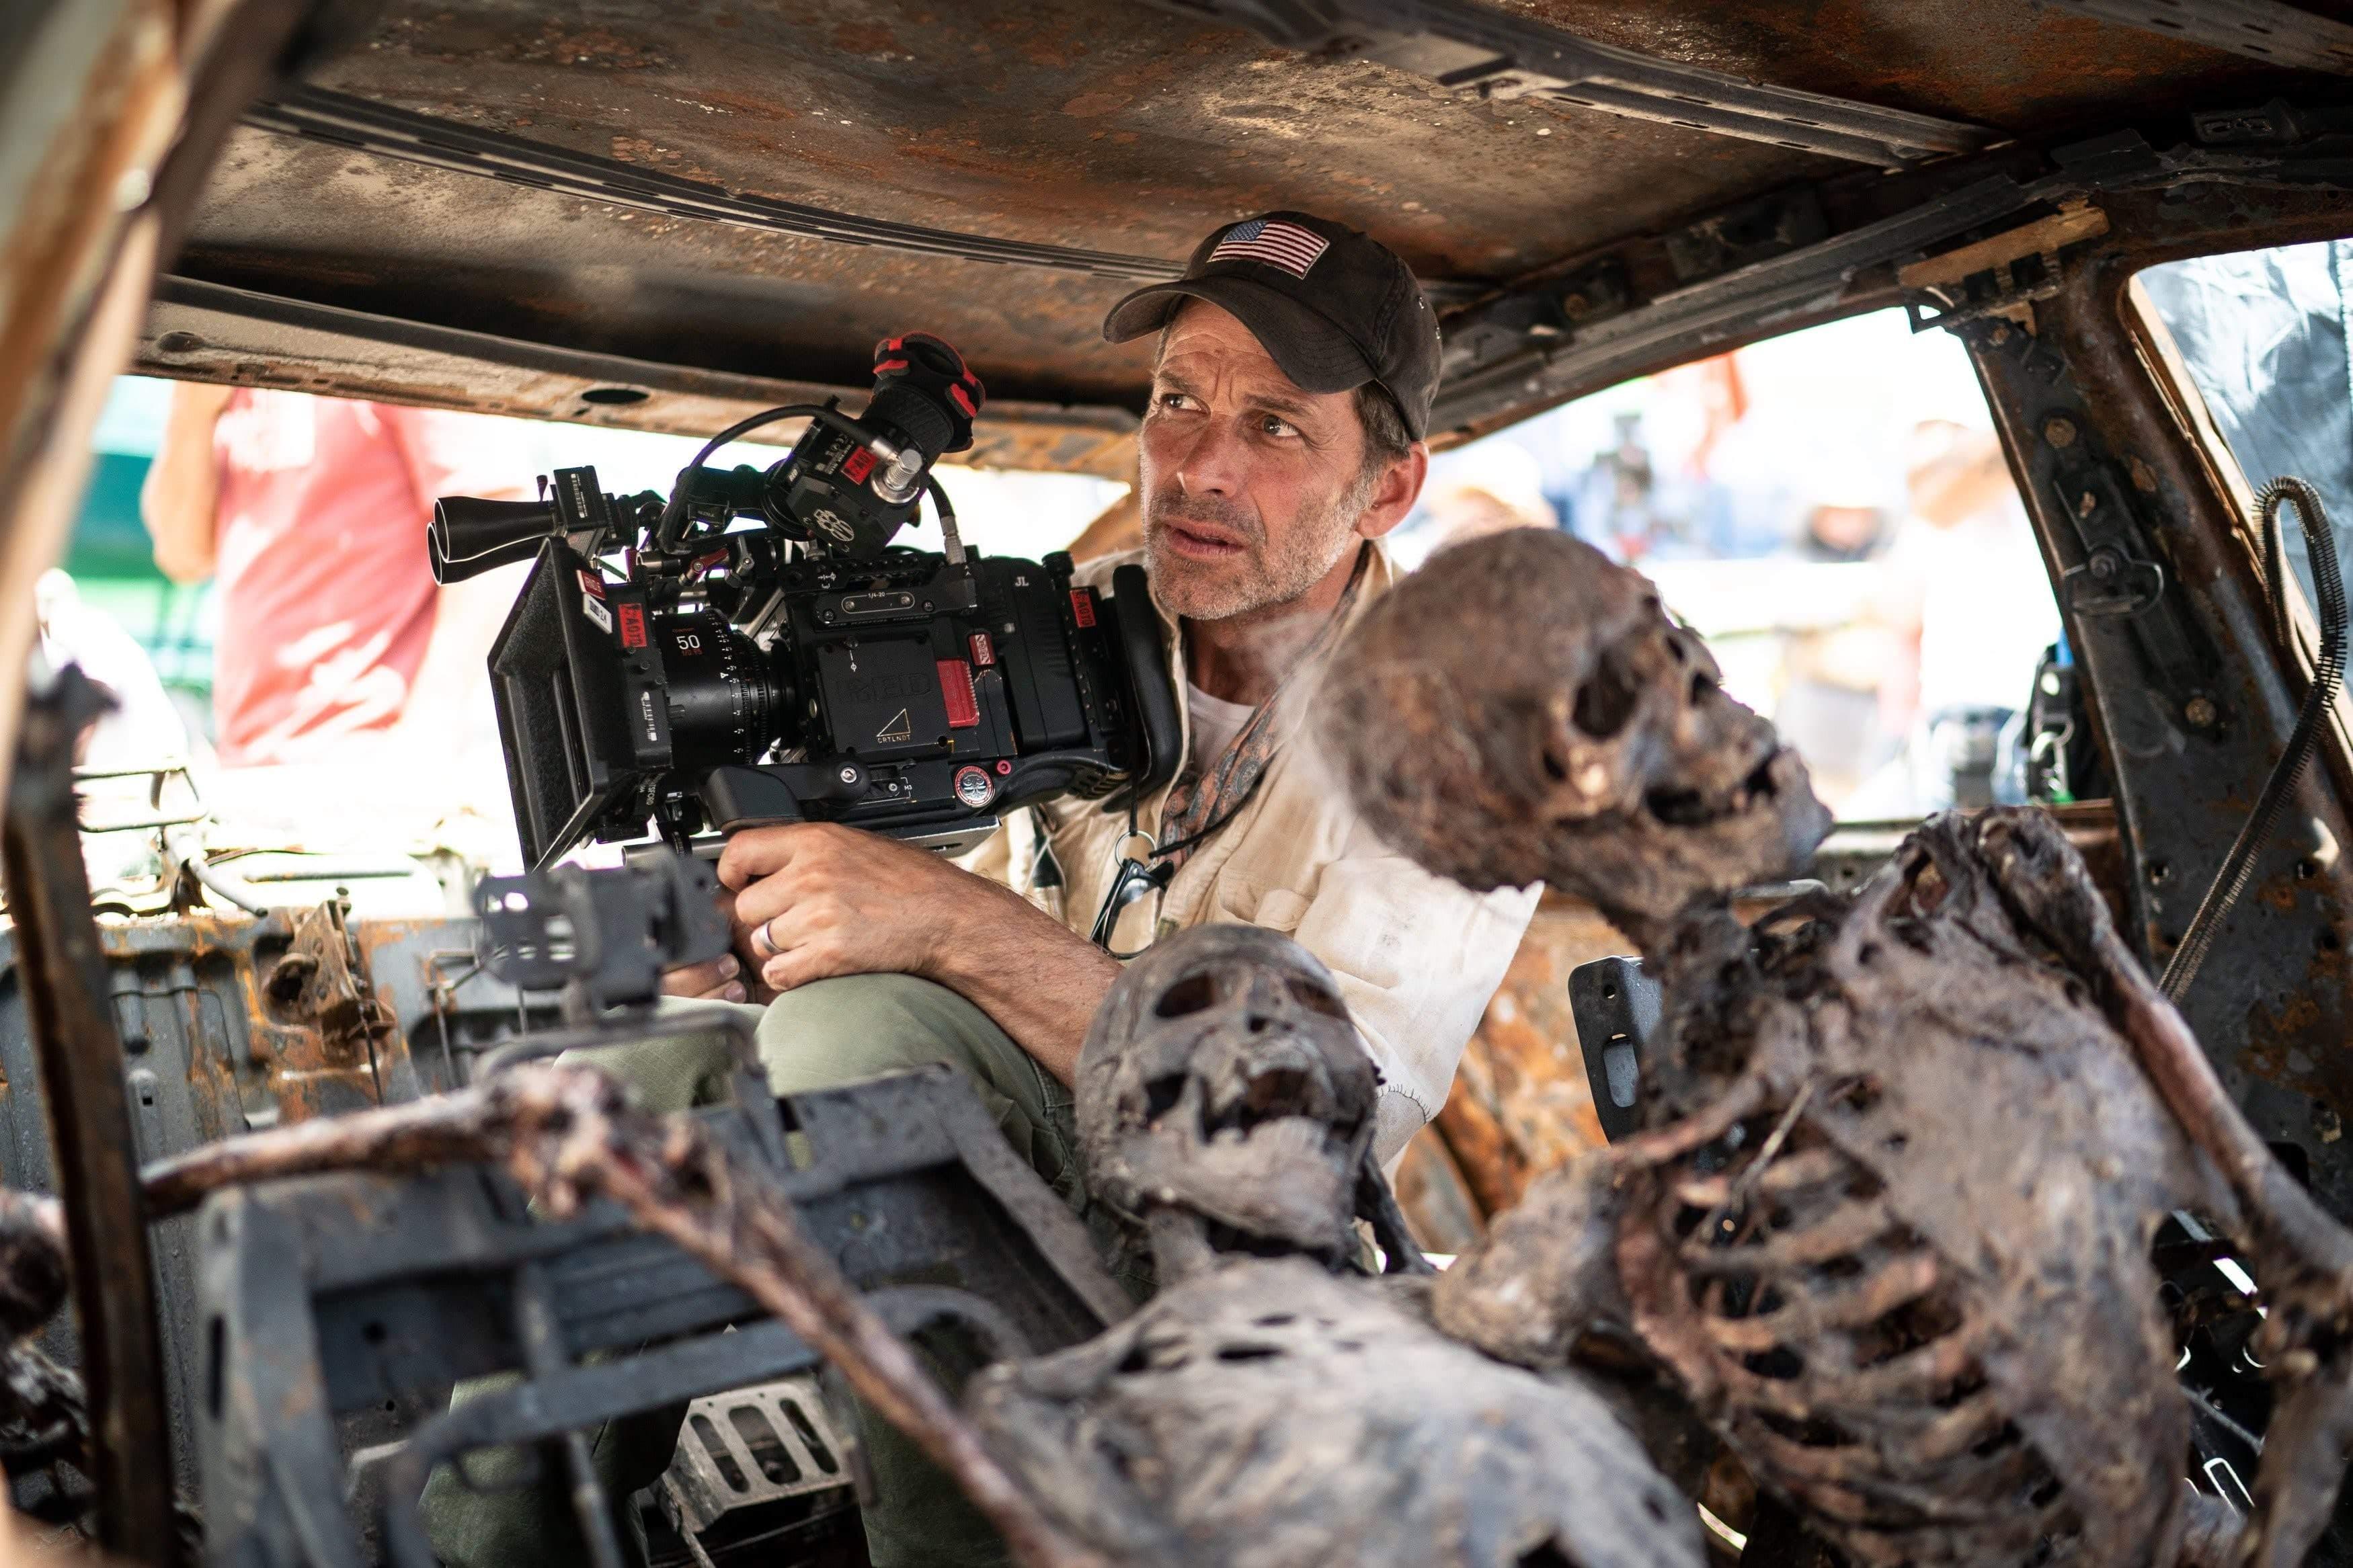 Army of the Dead Prequel : ザック・スナイダー監督のゾンビ・ホラーのアクション映画「アーミー・オブ・ザ・デッド」の世界を拡大するユニバース化の第1弾のプリクエールの撮影が早くも終了のクランクアップ ! !